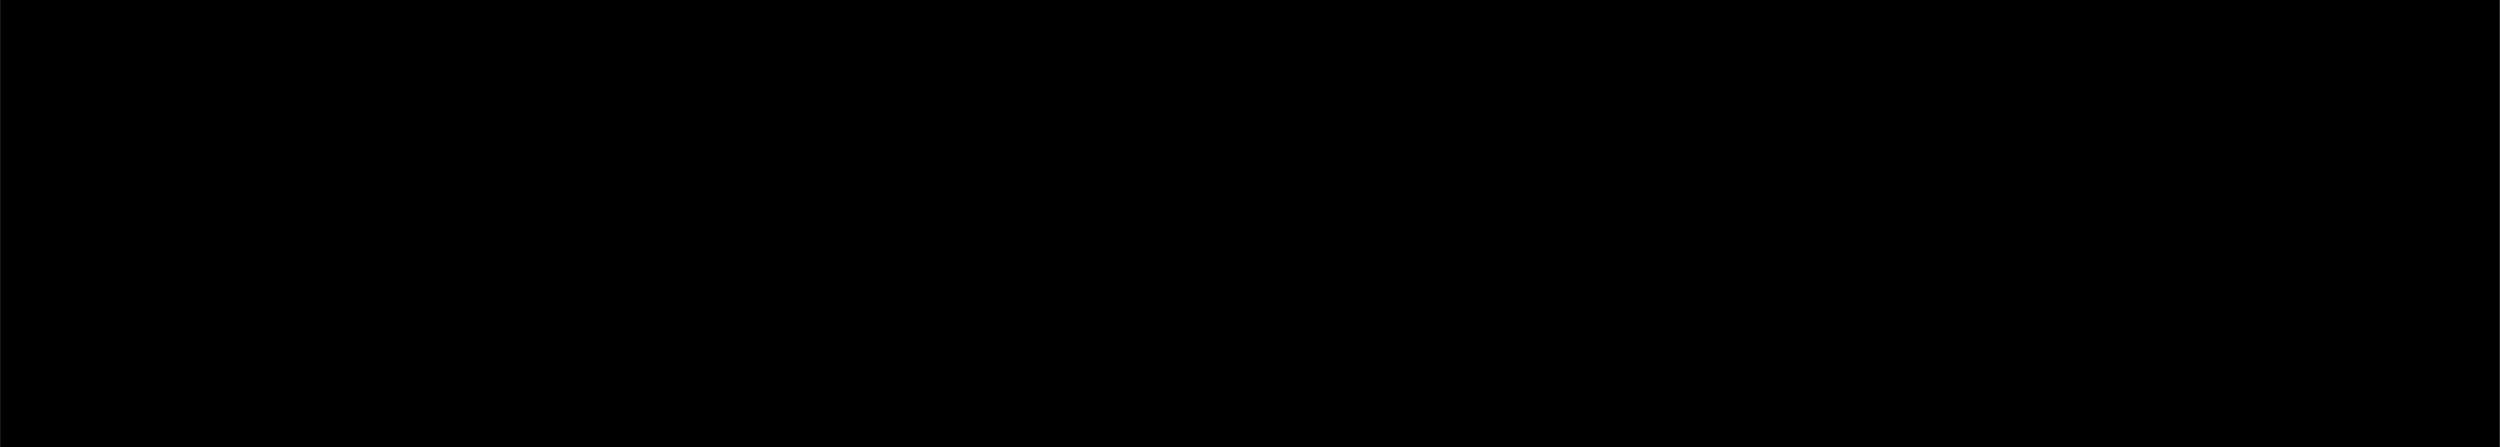 balck-03.jpg